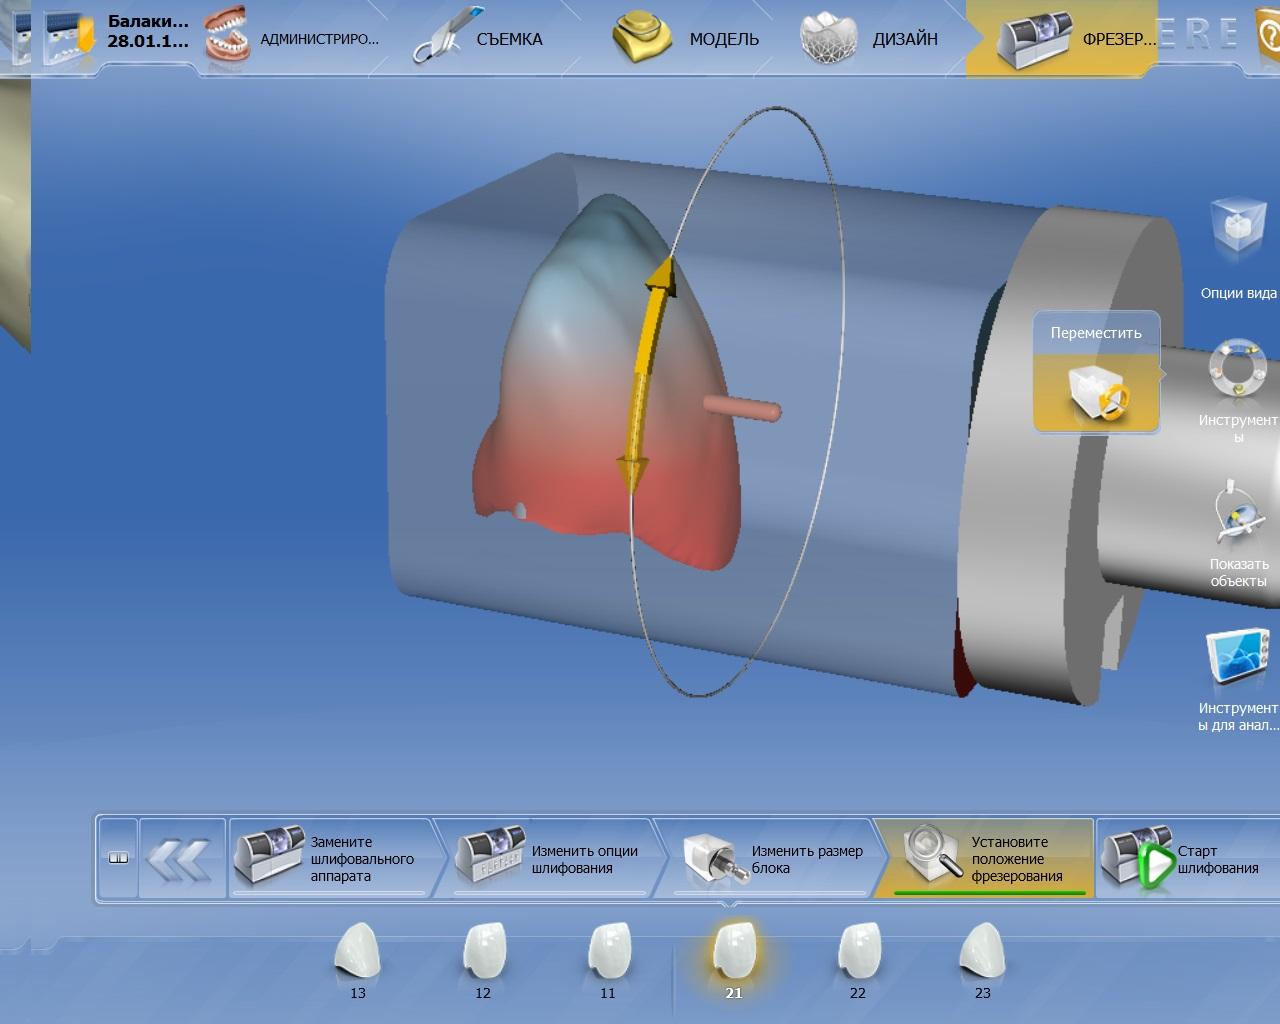 Интерфейс программного обеспечения CEREC. При создании трёхмерной модели коронки можно посмотреть, как она будет располагаться вшлифовальном аппарате.